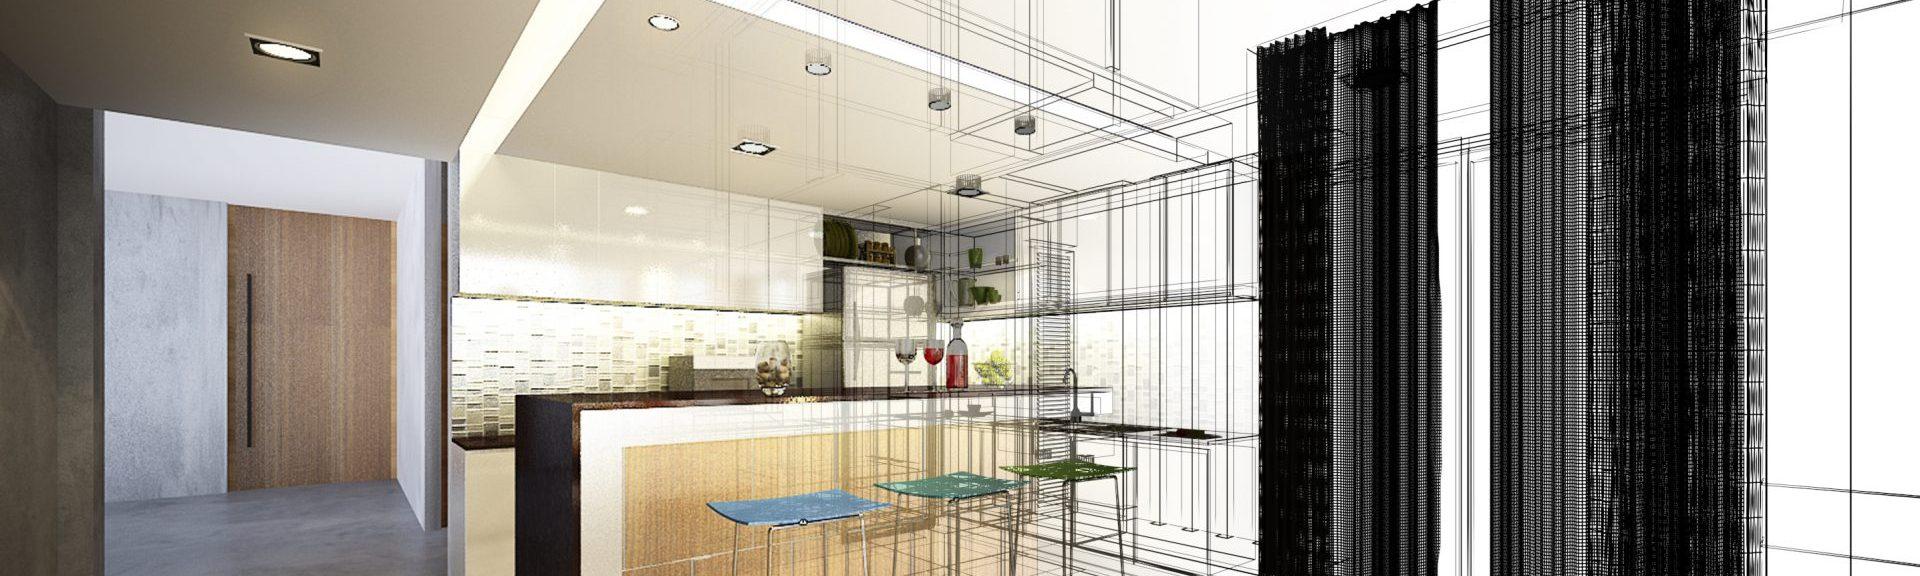 Efficient kitchen space